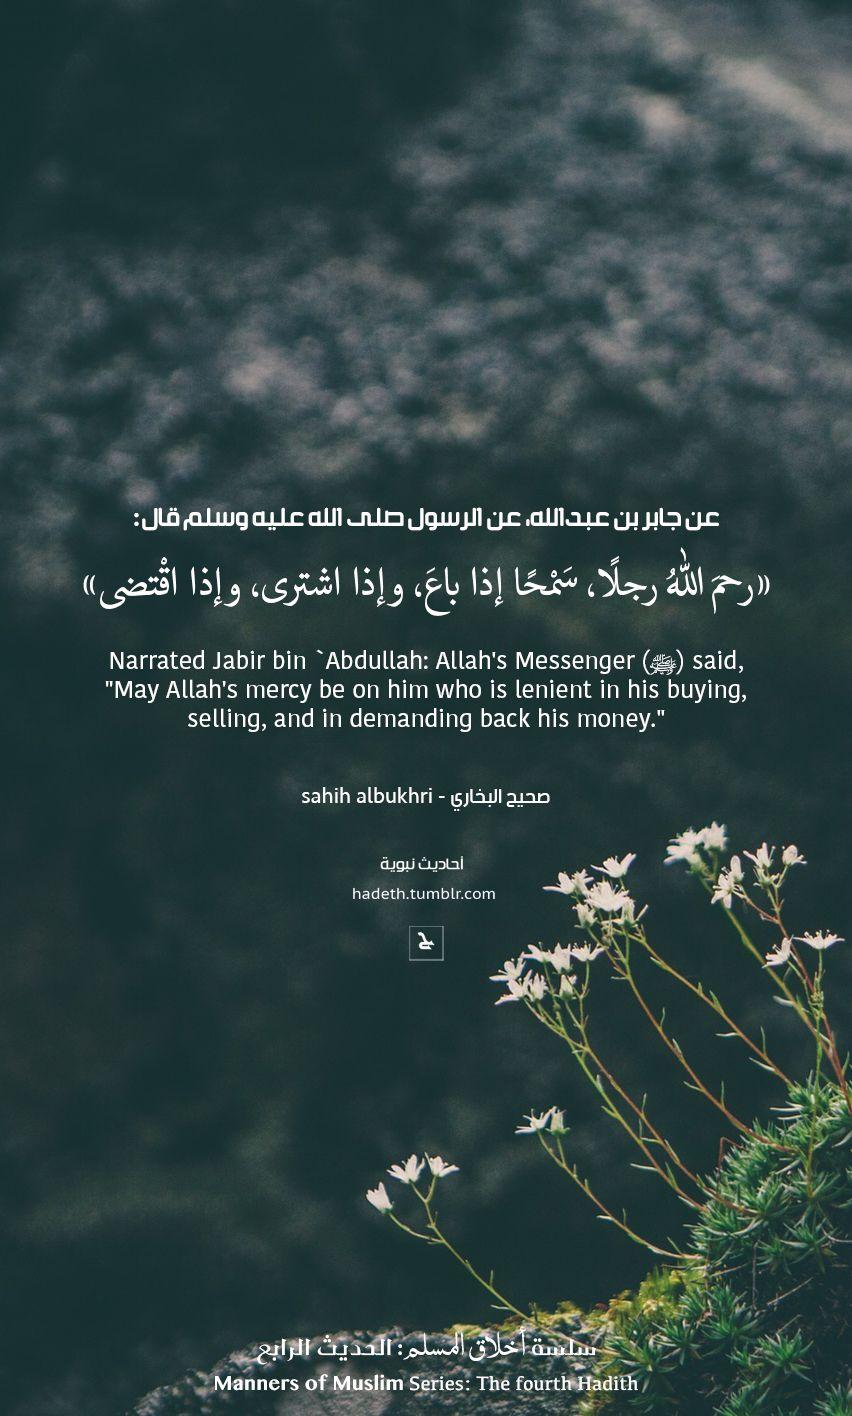 أحاديث نبوية Islamic Quotes Quran Islam Facts Hadith